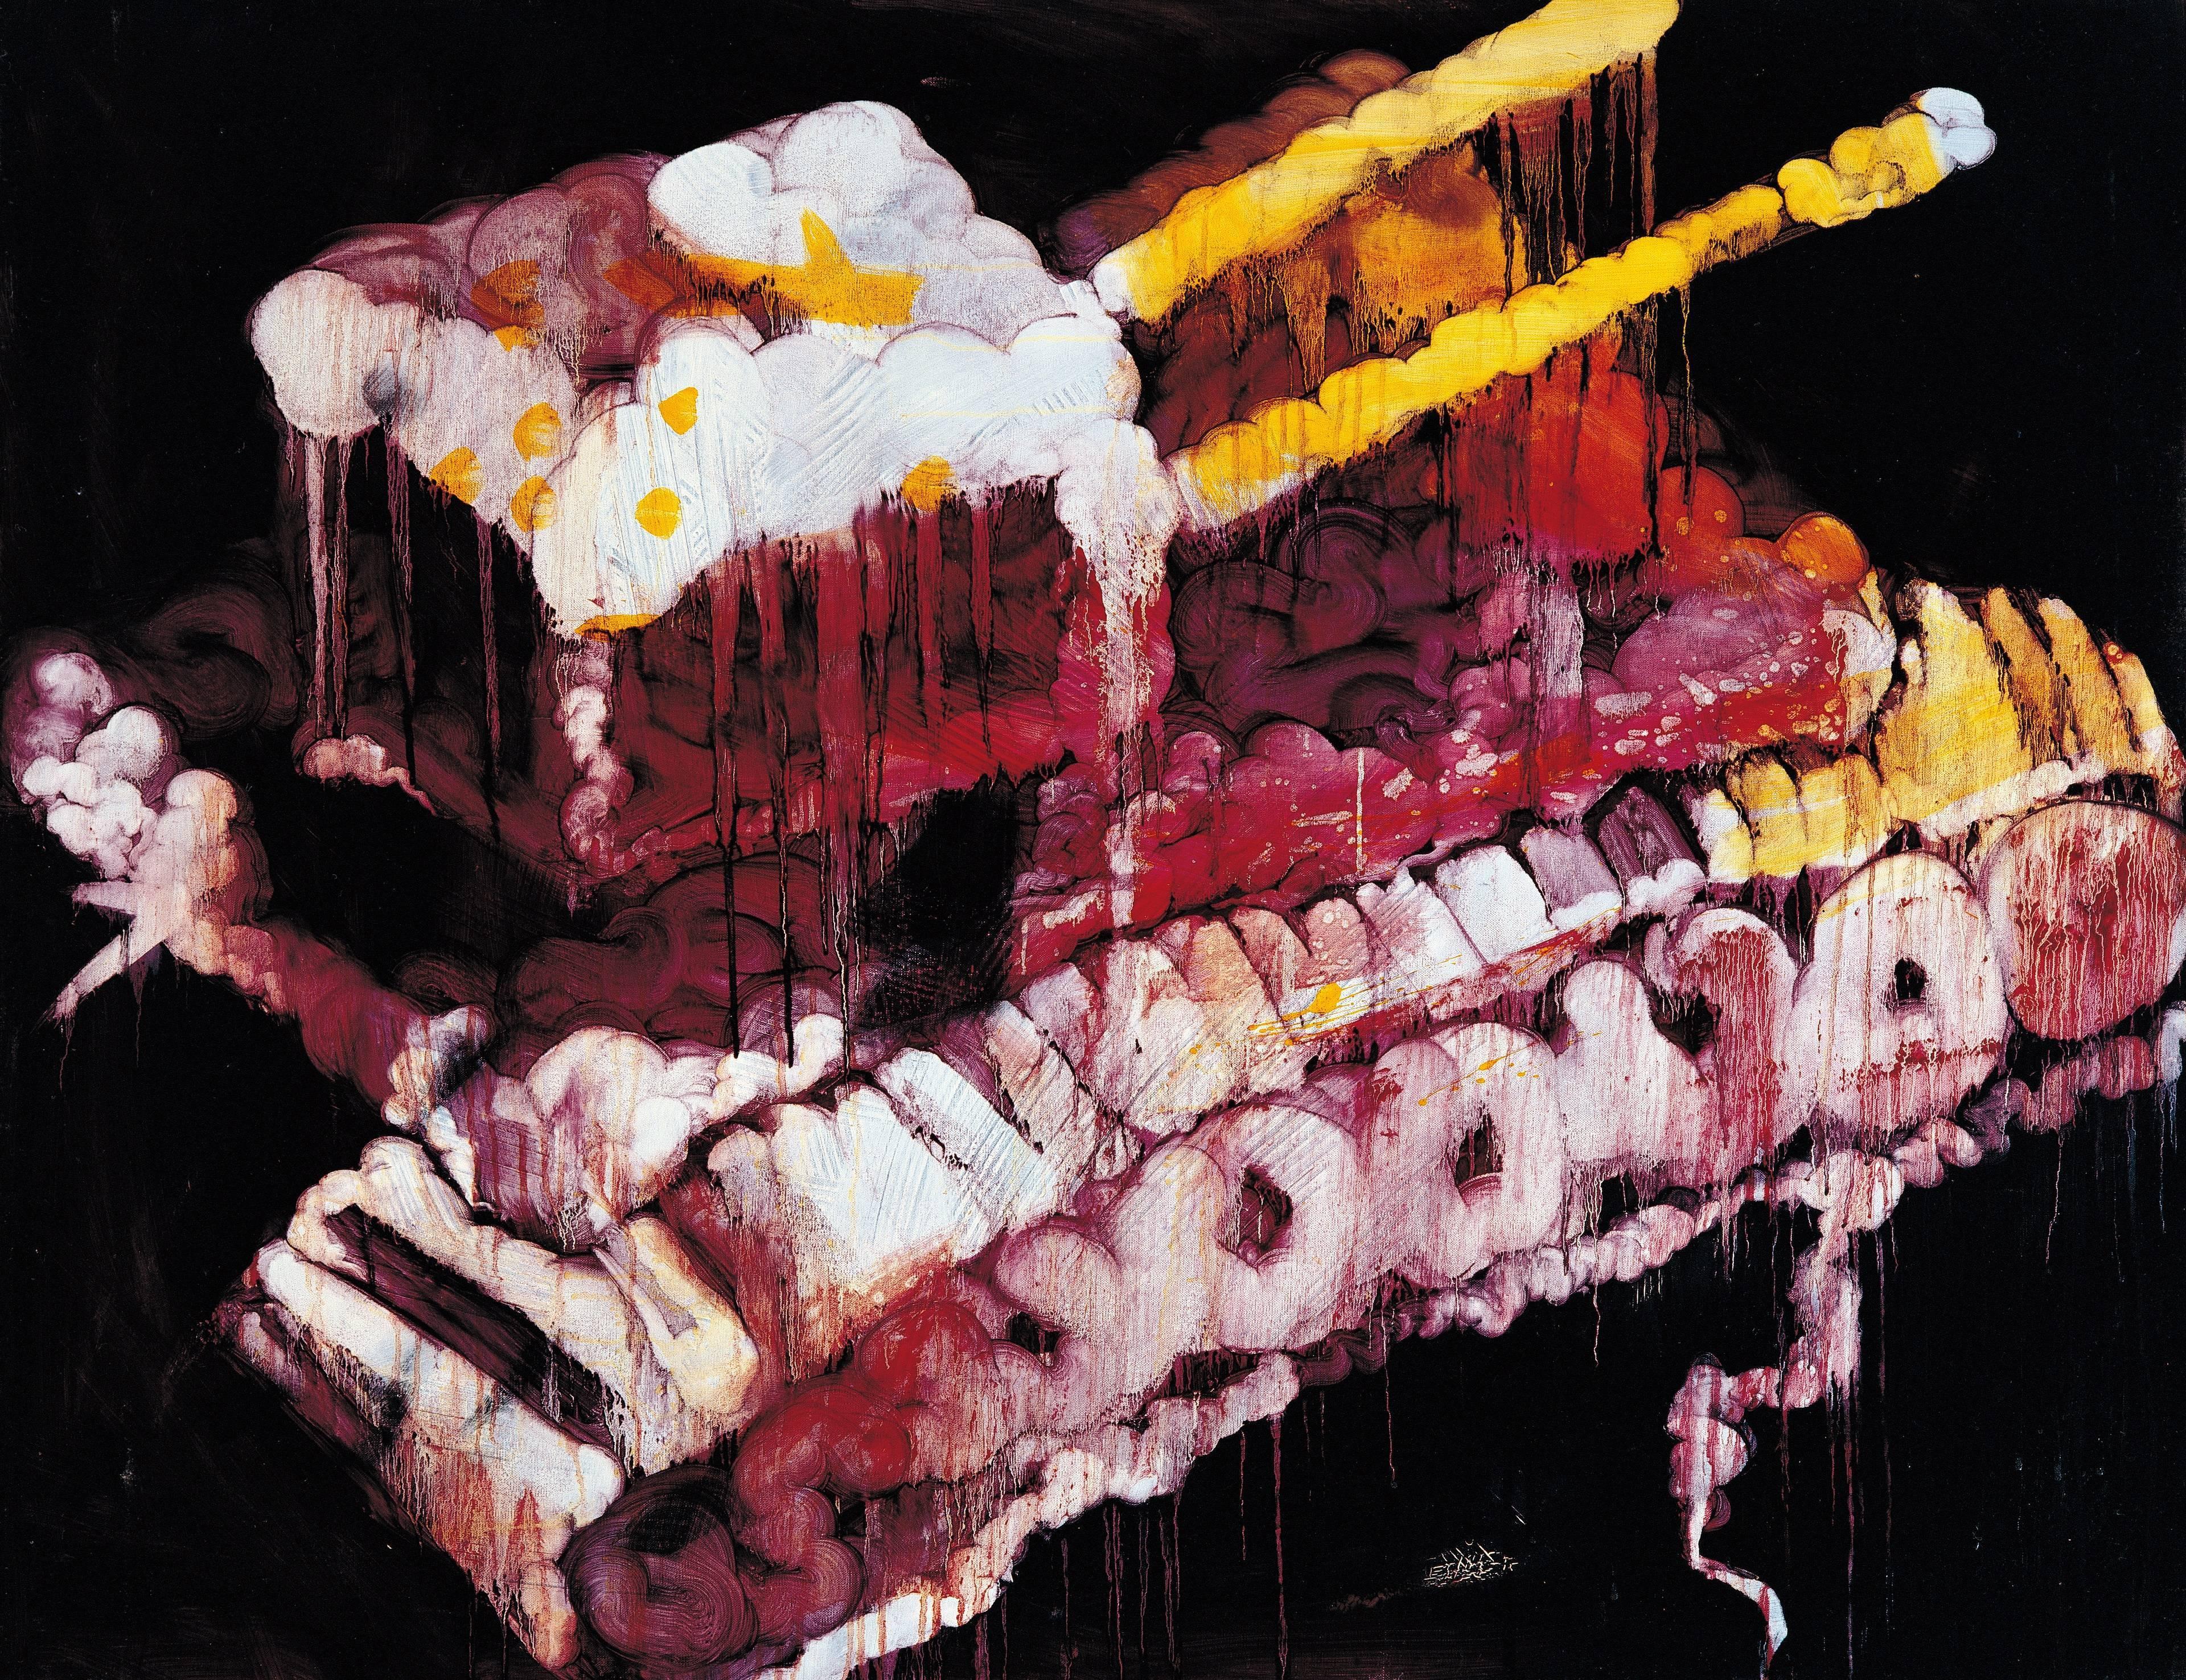 常陵|五花肉系列-肉兵器-雙管坦克|2007|油彩|112x145.5cm